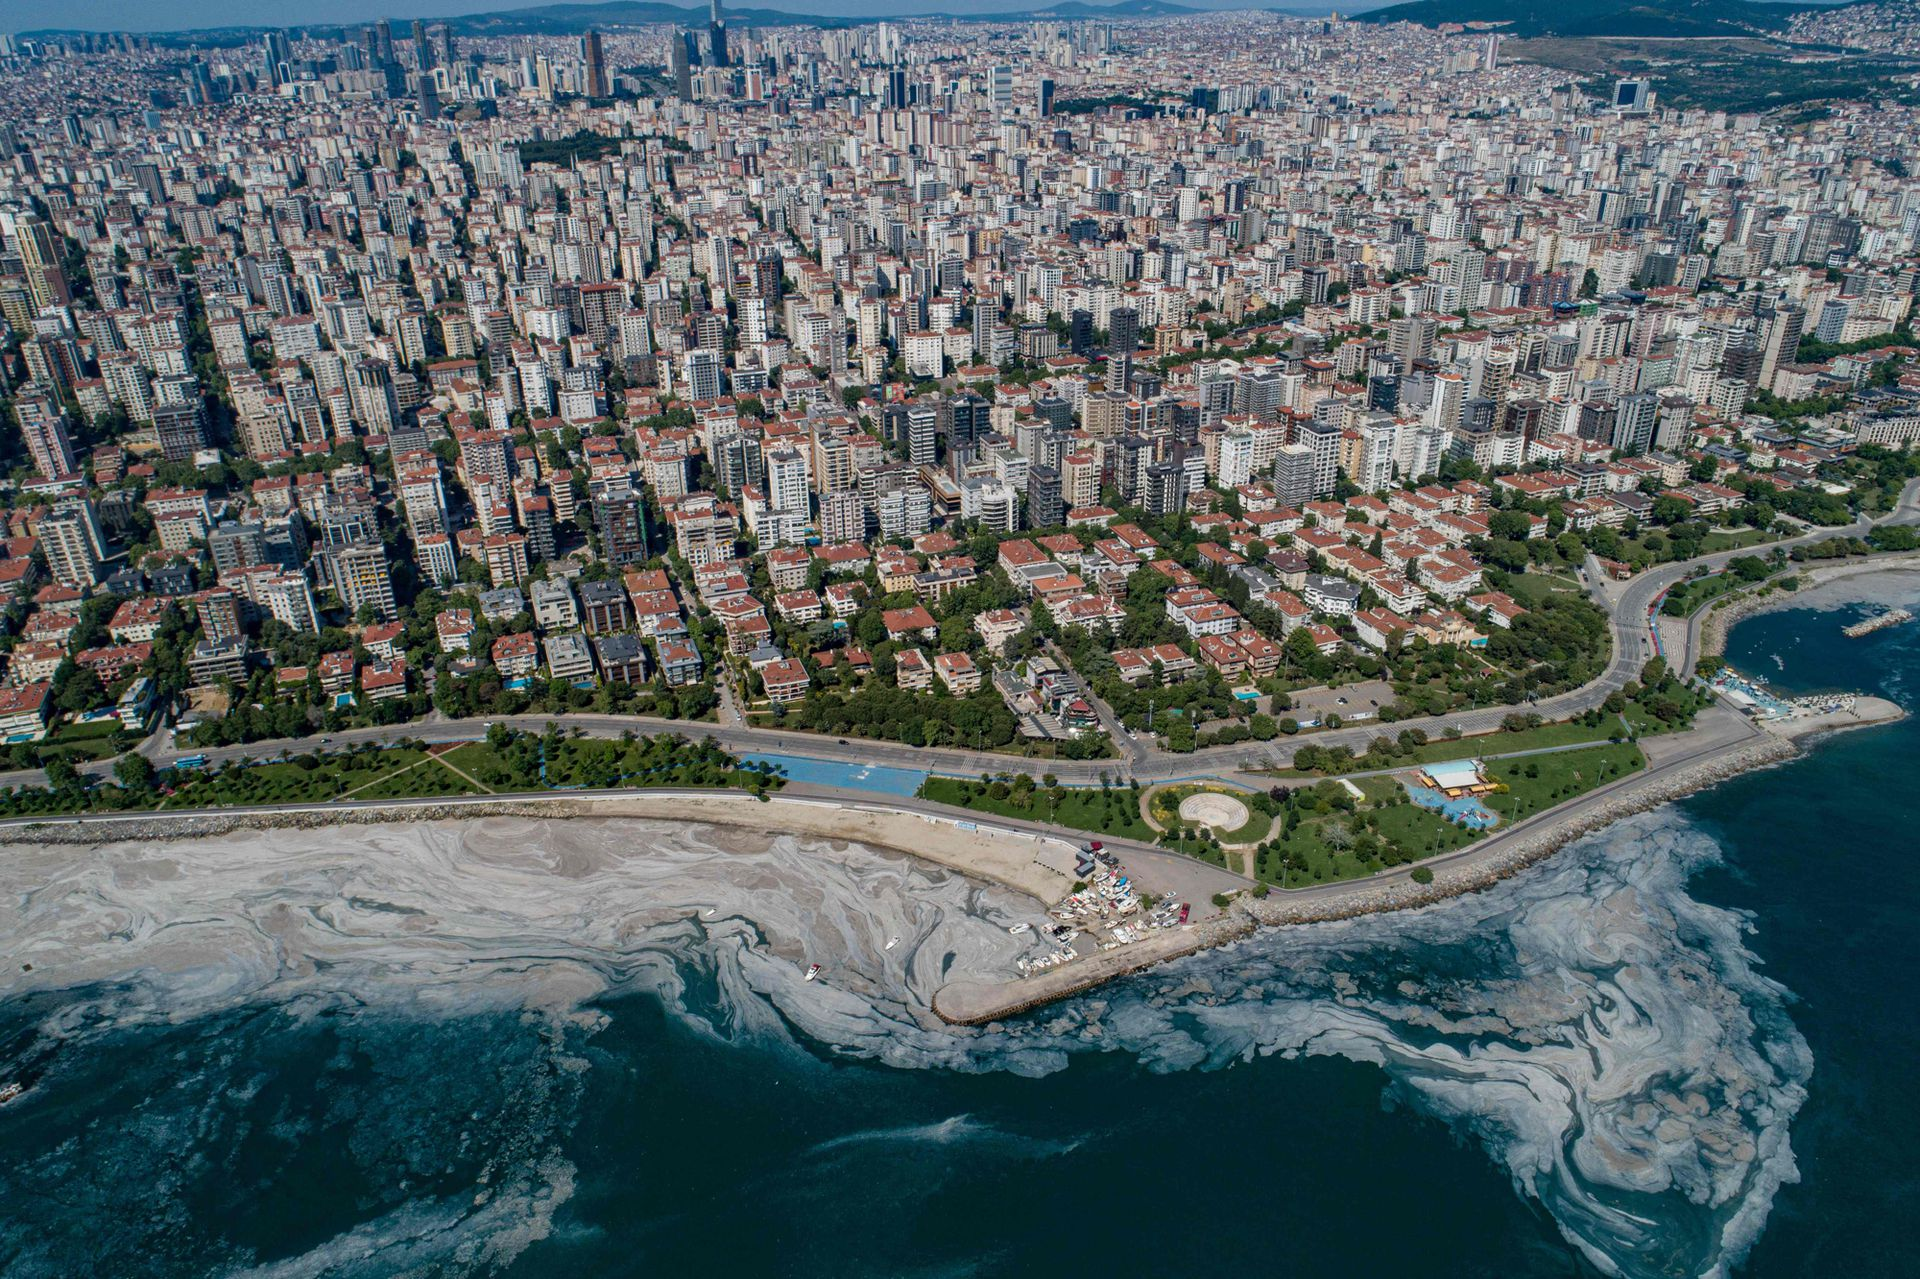 La costa de Estambul invadida por el mucílago